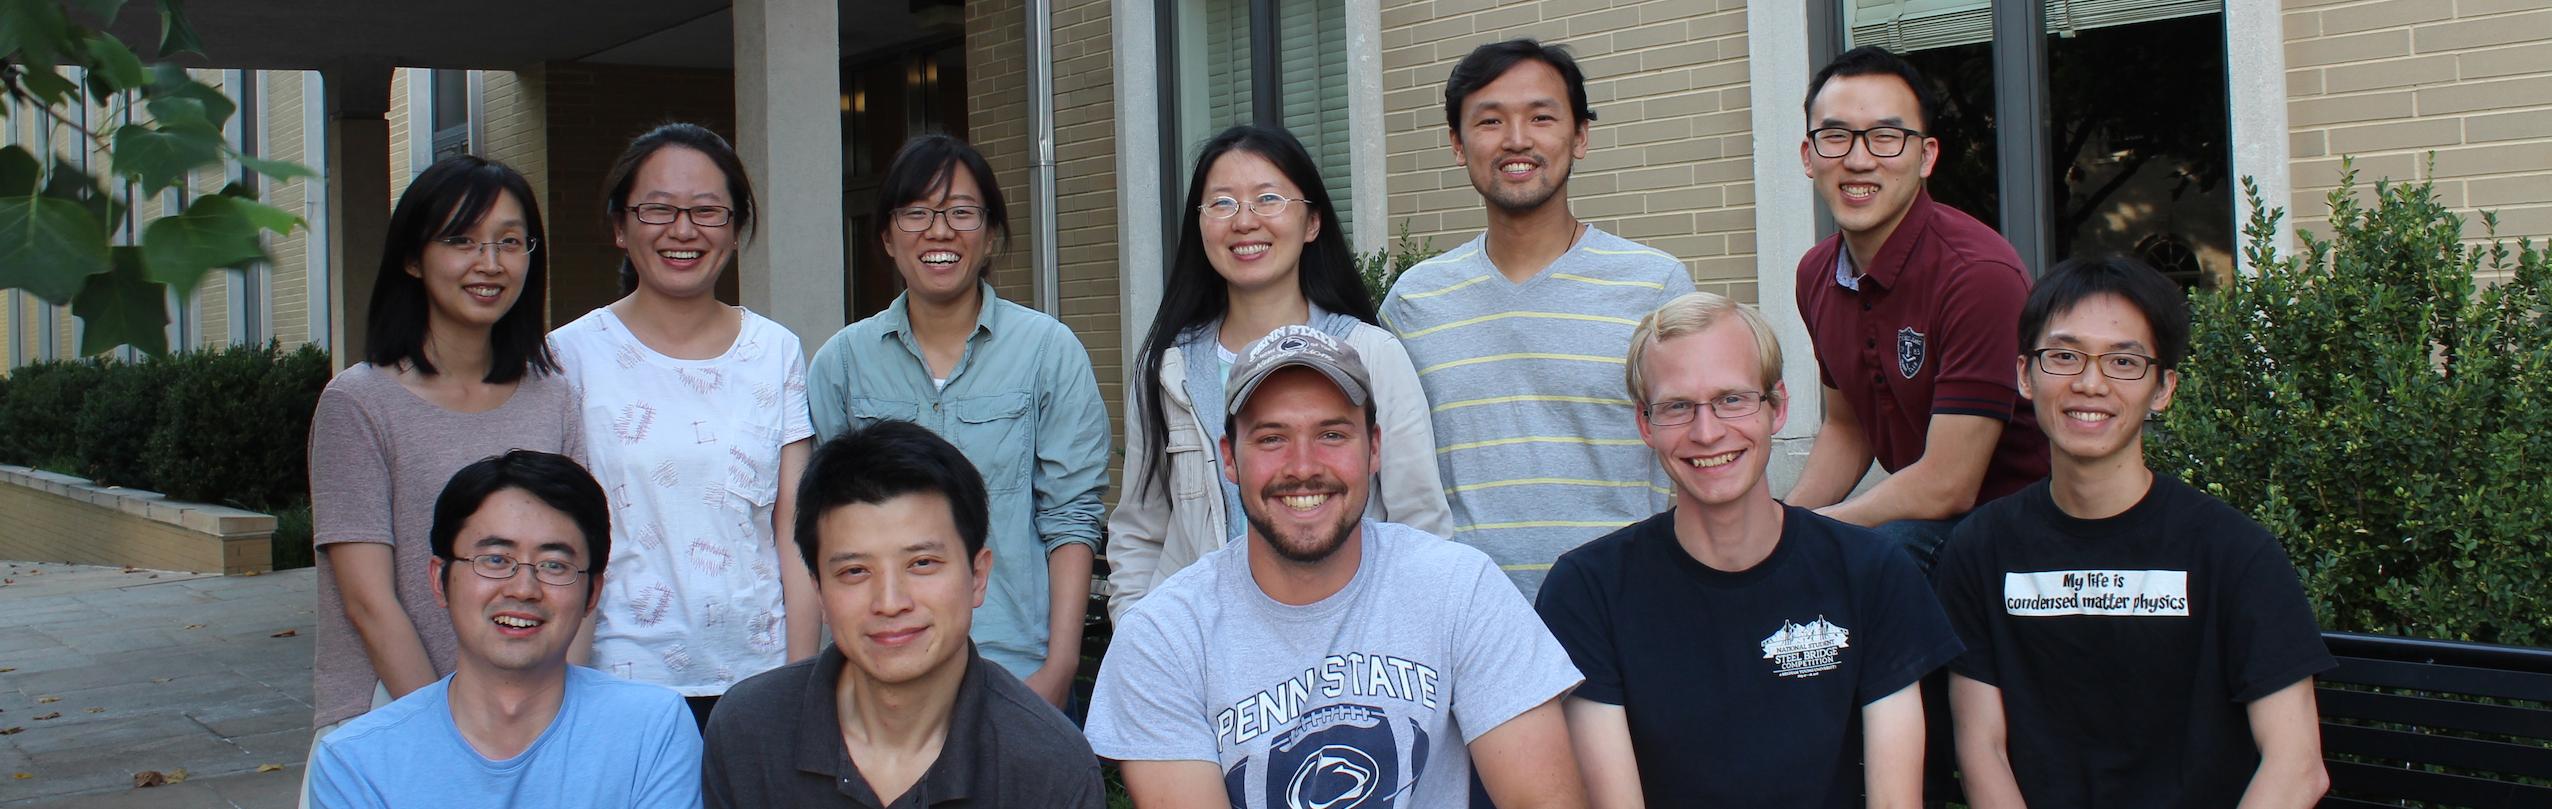 First row (left to right): Xiaoxiang Xi, Shengwei Jiang, Seamus O'Hara, Jonathan Stensburg, Hongchao Xie Second row (left to right): Yi-Hsin Chiu, Zefang Wang, Jieun Lee, Jie Shan, Kin Fai Mak, Egon Sohn